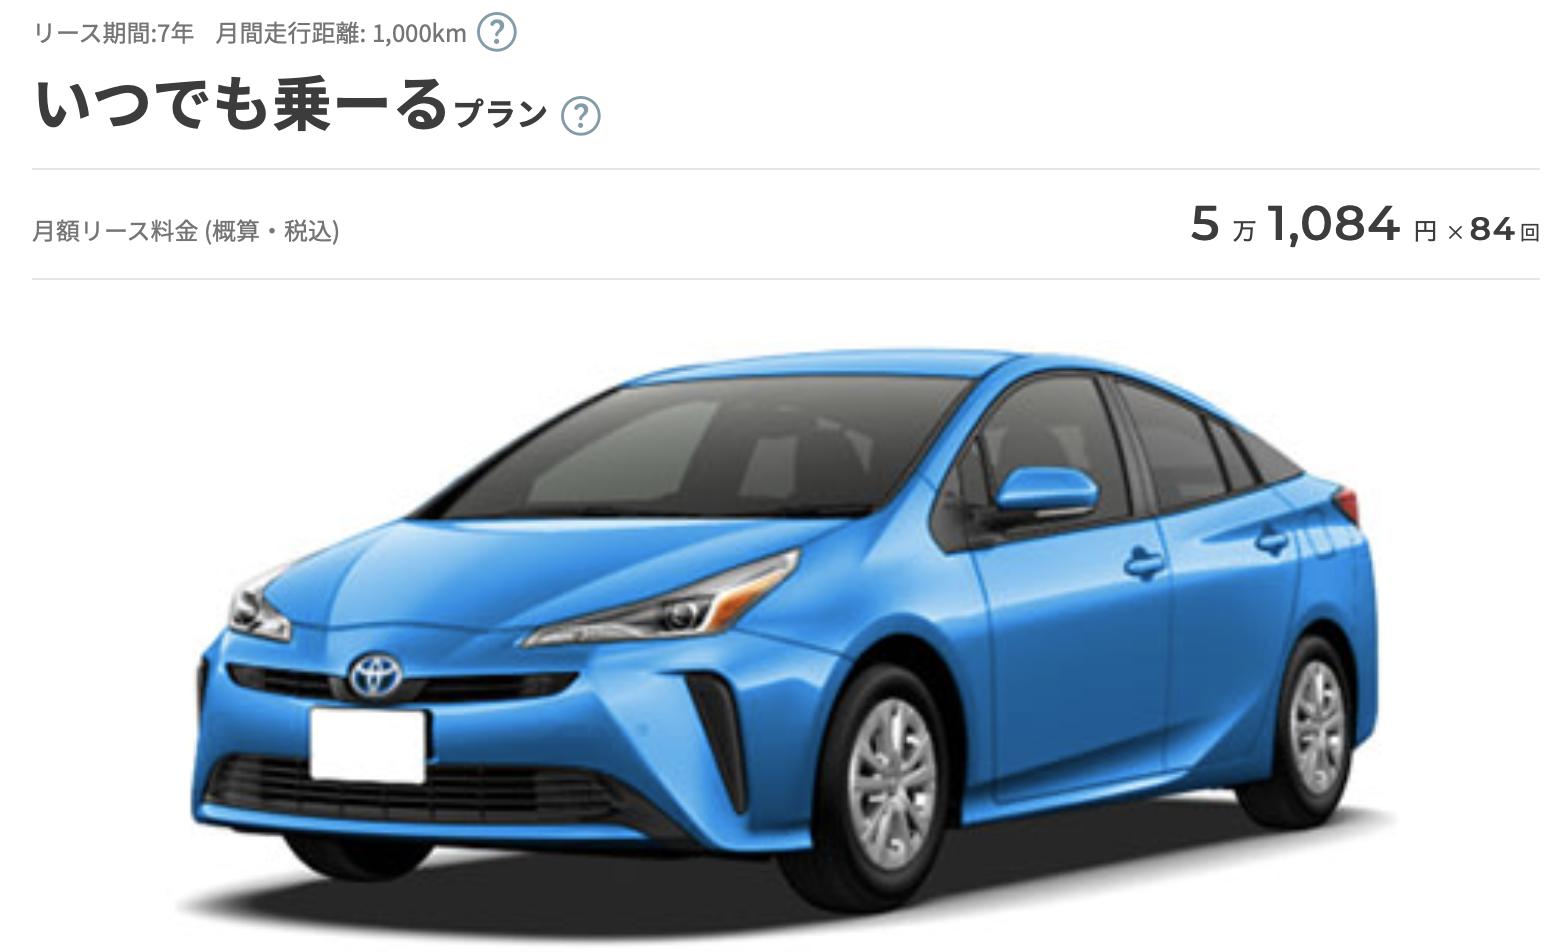 5位 SOMPOで乗ーる:5万1,084円